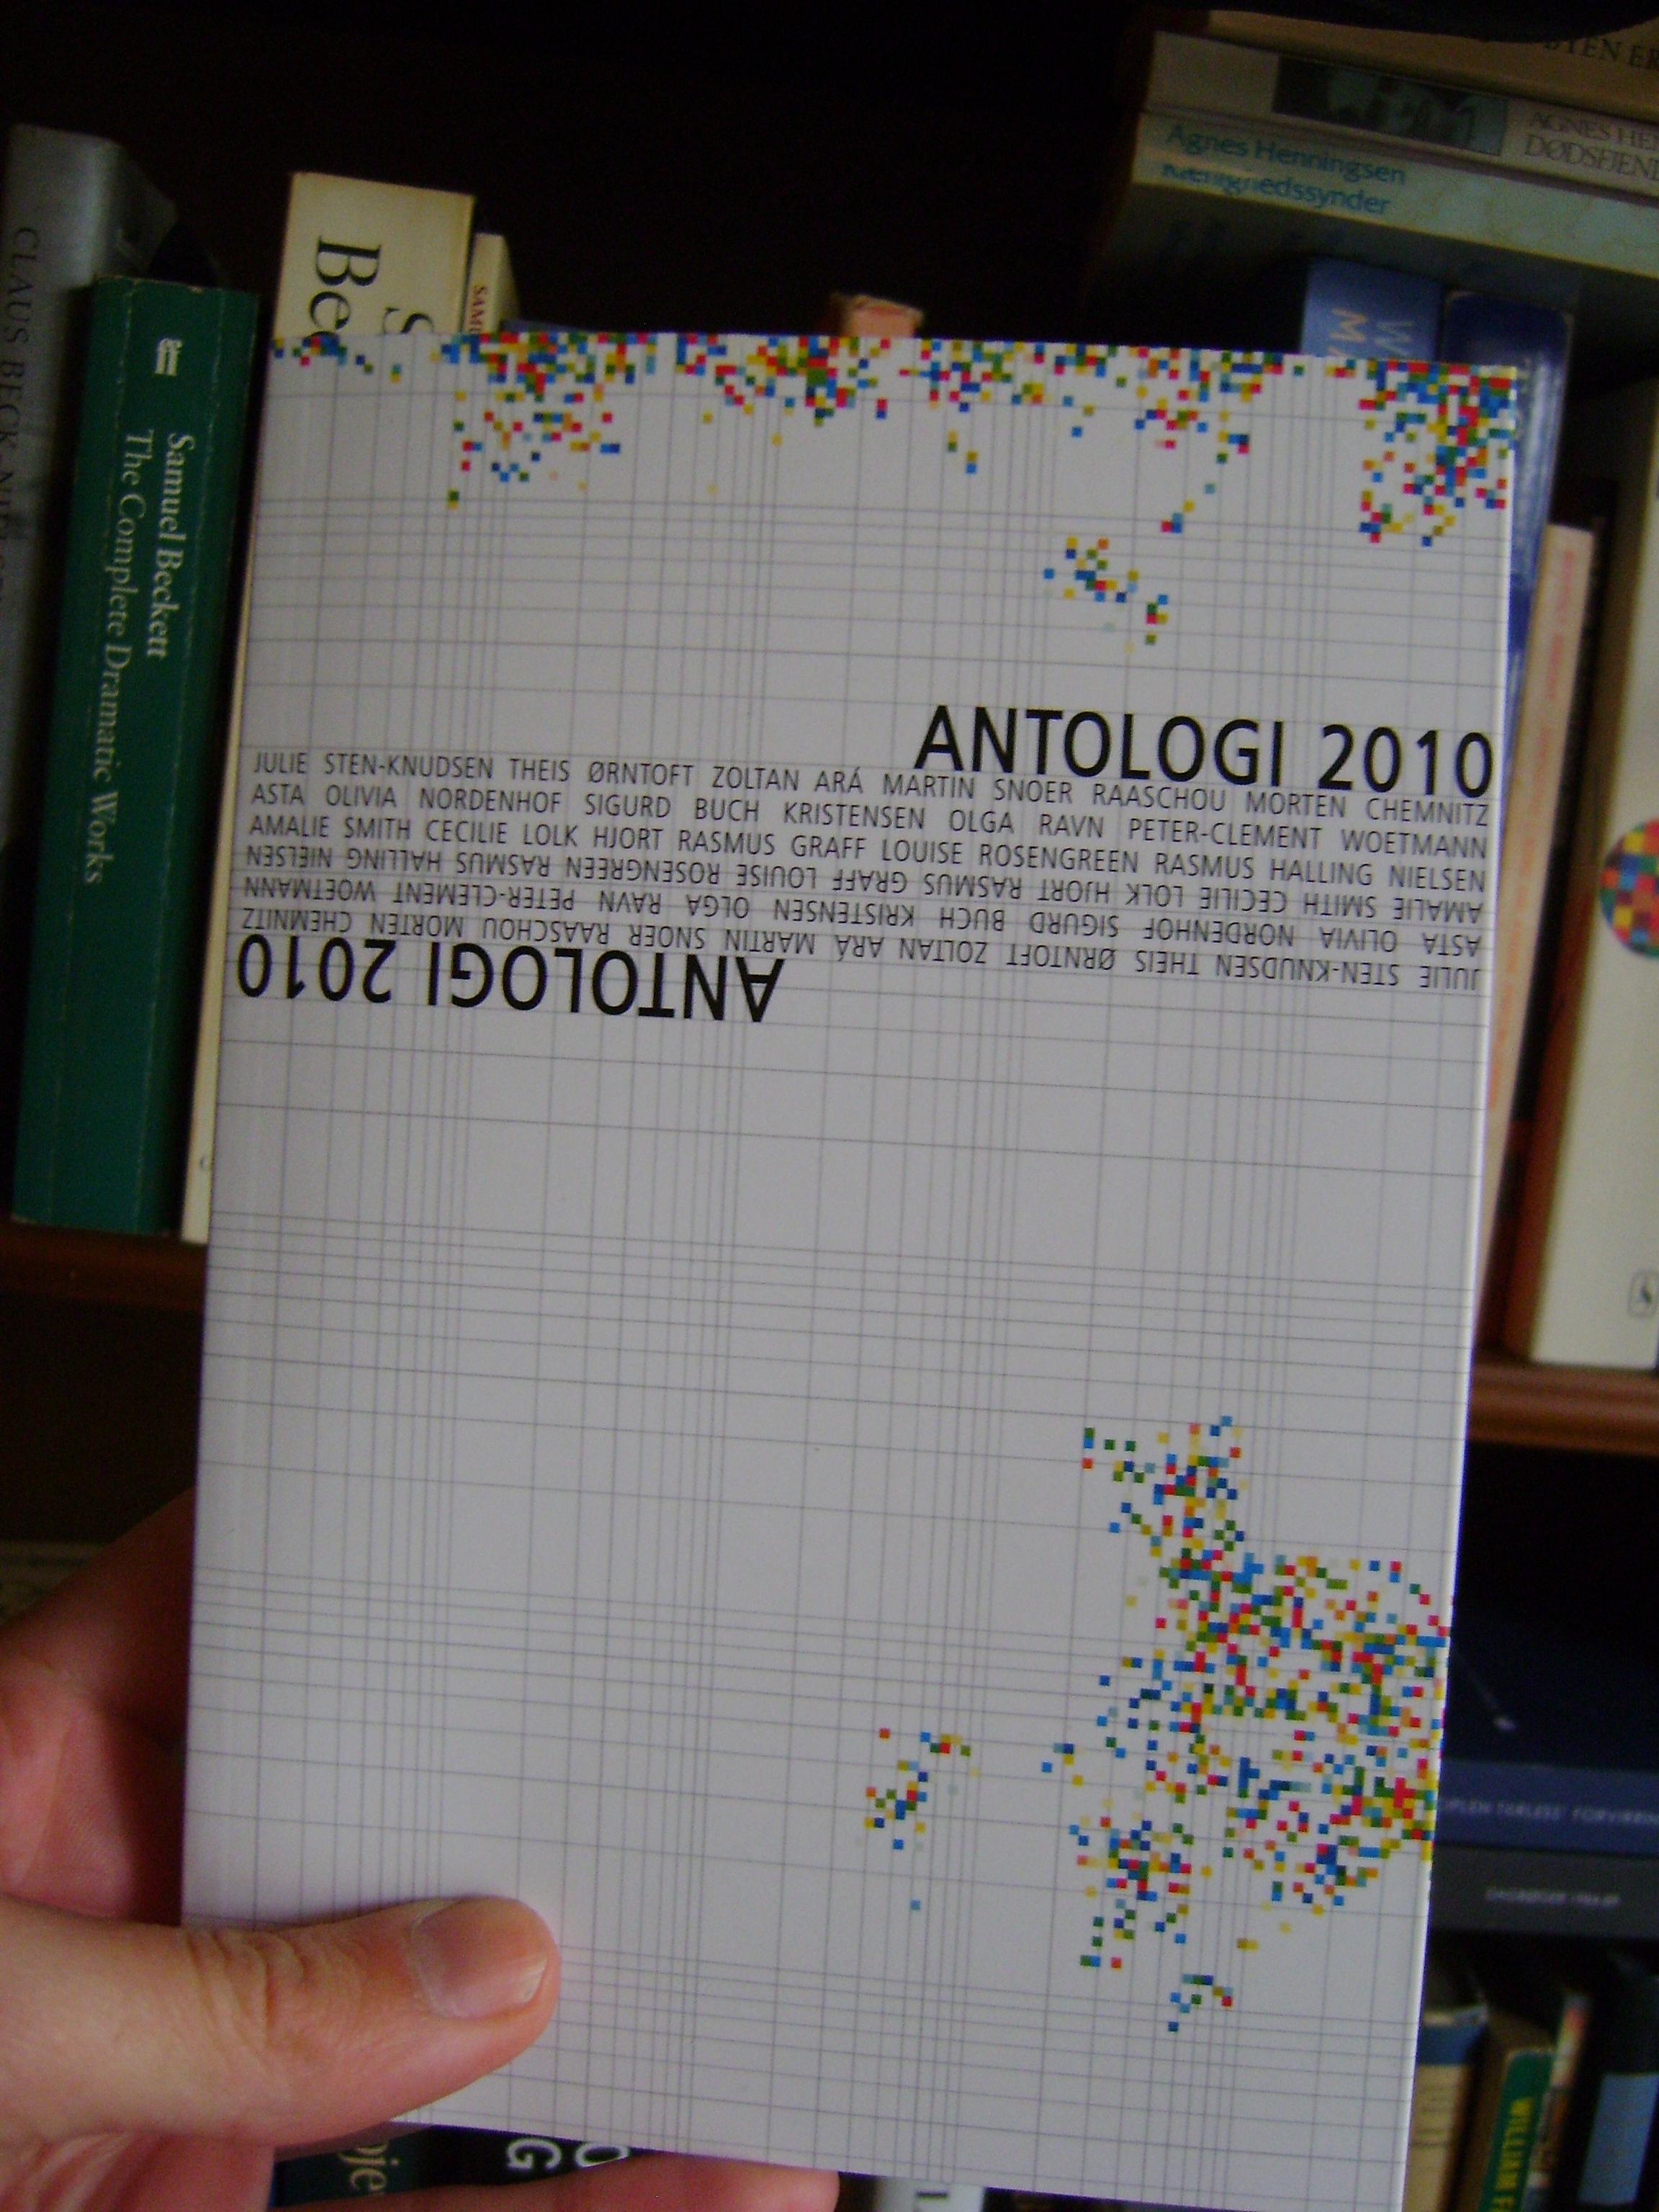 antologi2010.jpg